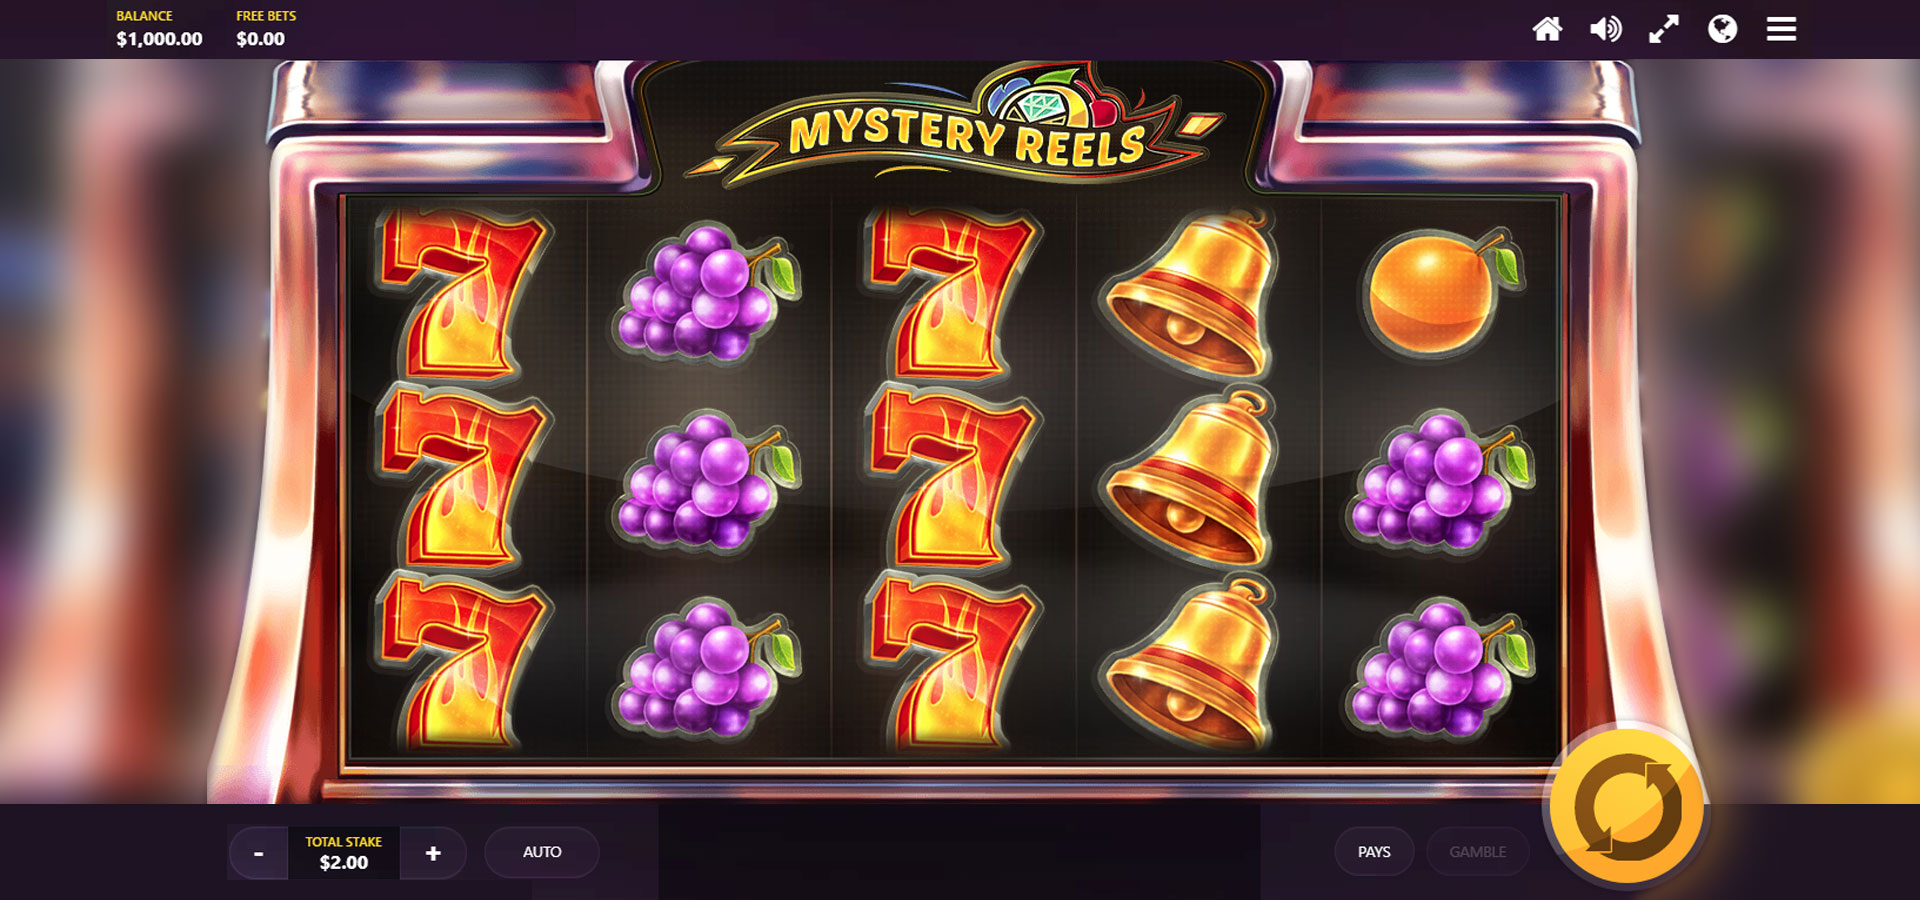 Mystery reels загадочные барабаны игровой автомат официальный